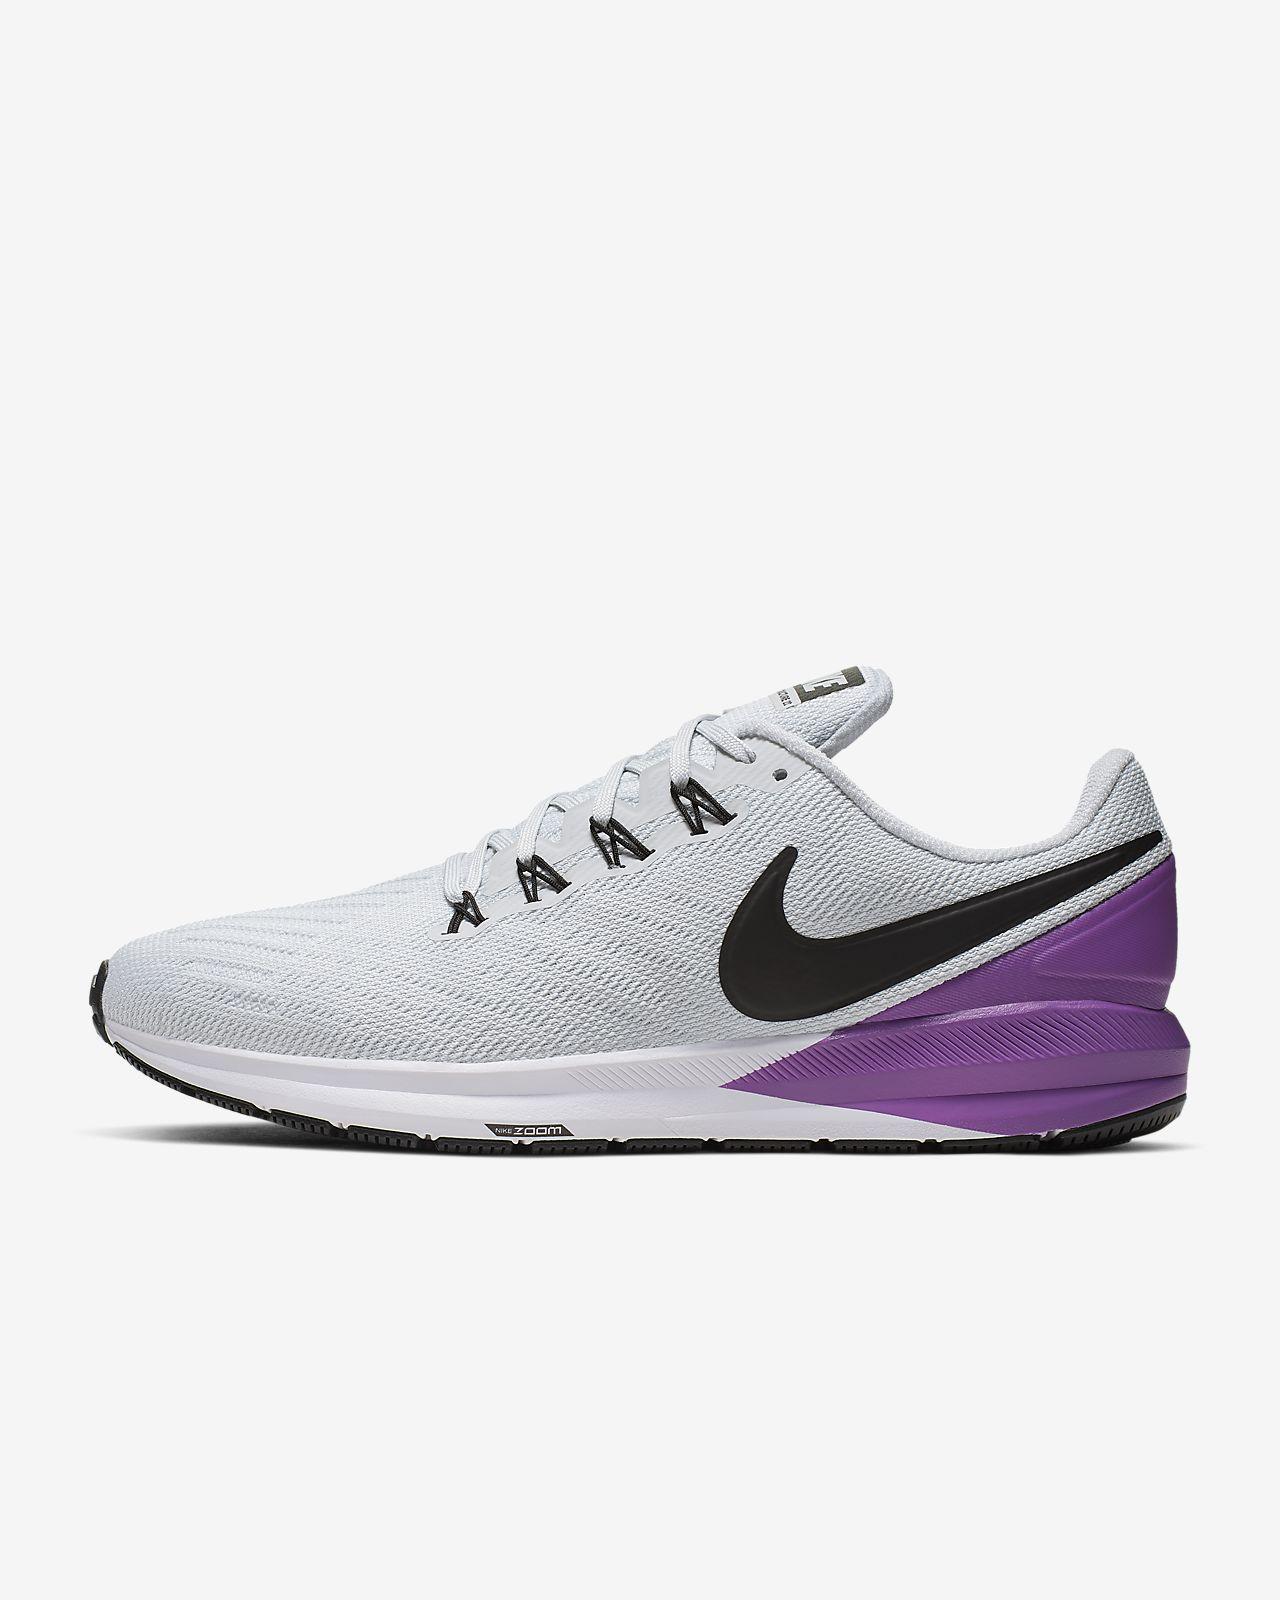 Nike Hardloopschoenen Air Zoom Structure 22 hardloopschoenen